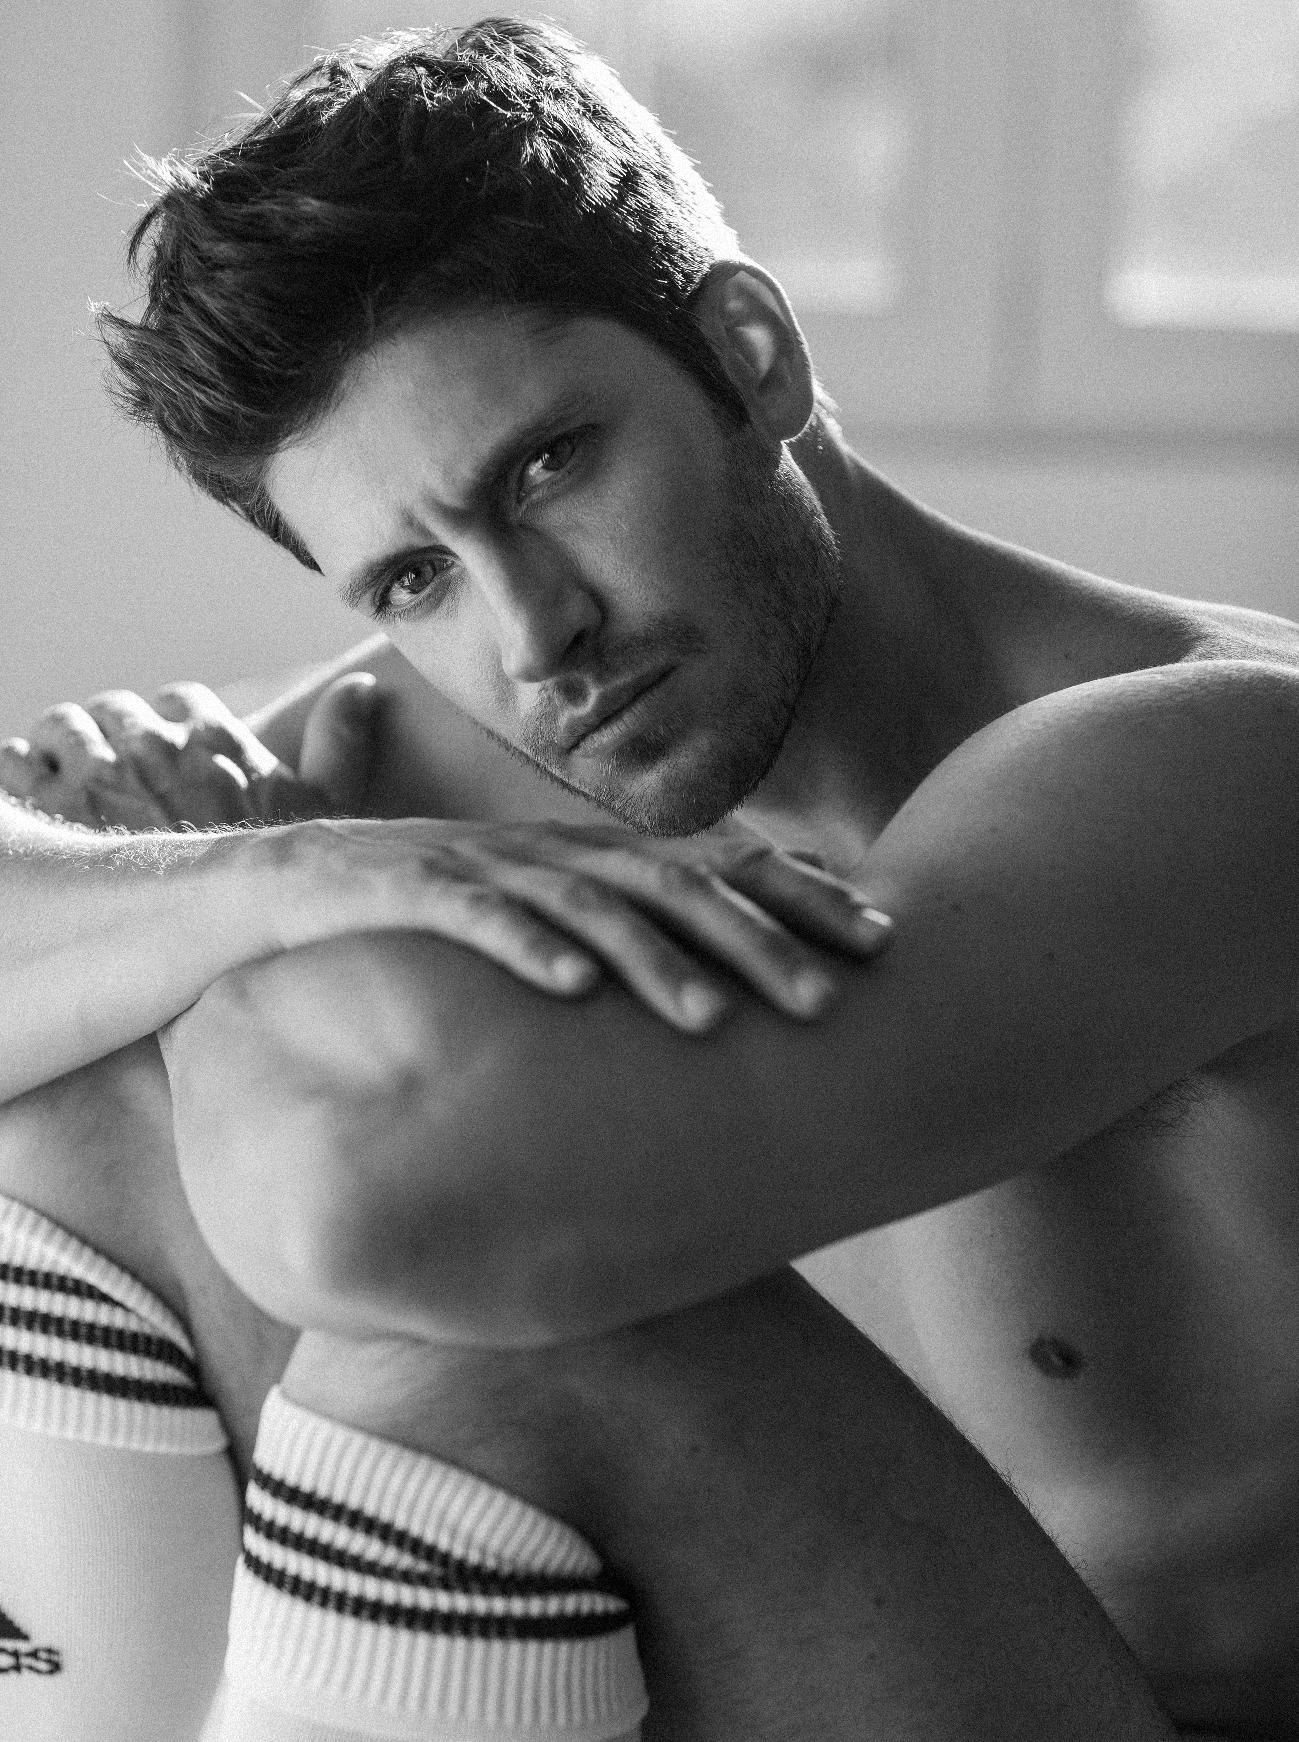 Adon Exclusive: Model Julian Mercado By Maximiliano Jorquera